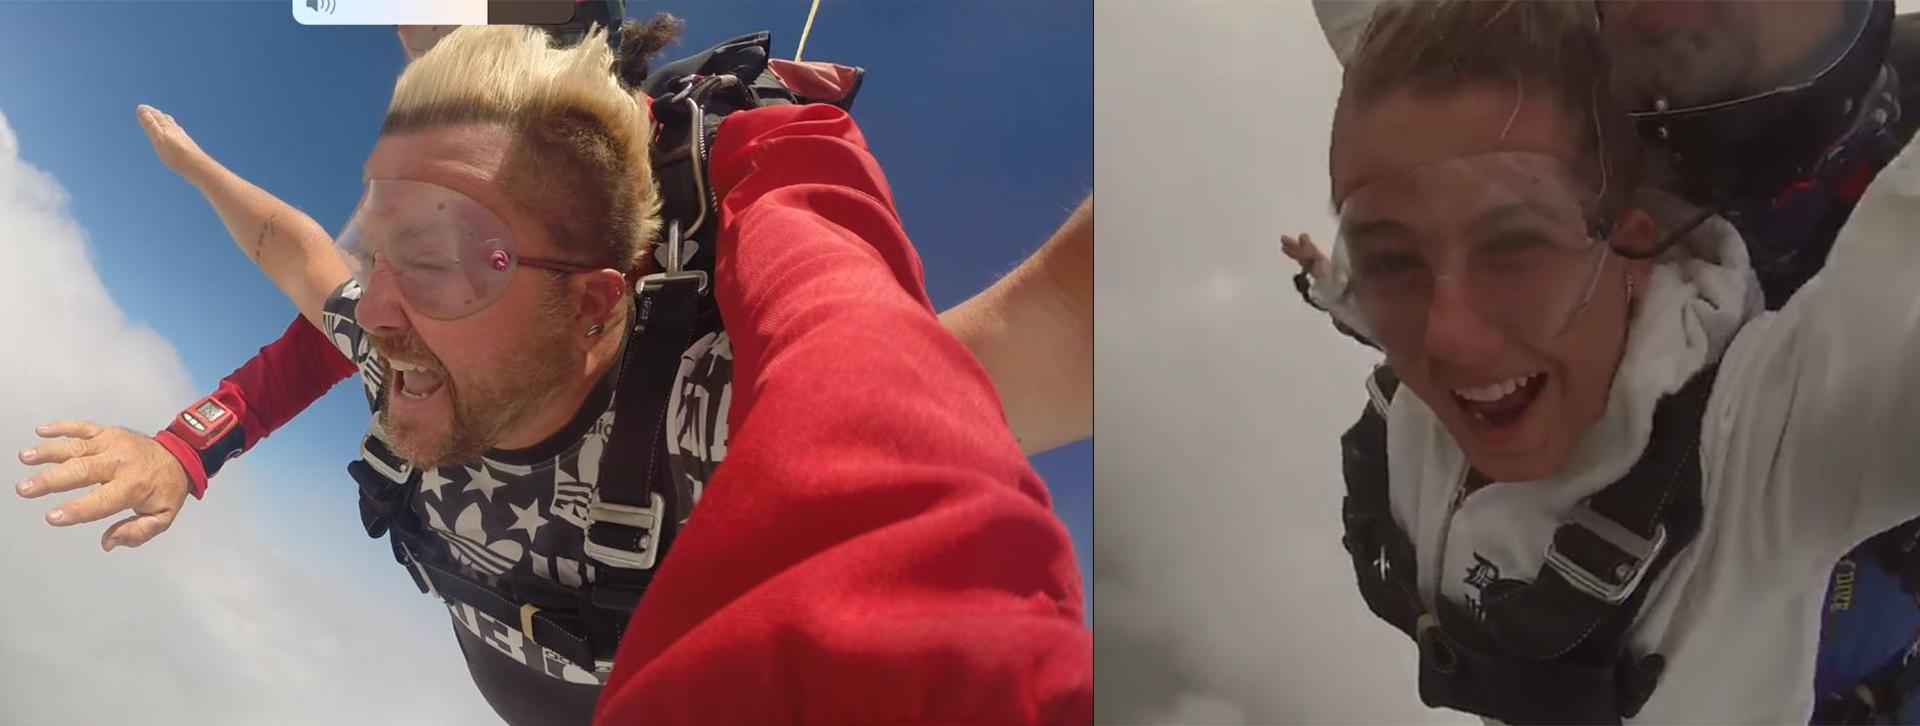 Pablo y su hija Micaela tirándose en Paracaídas en Lobos